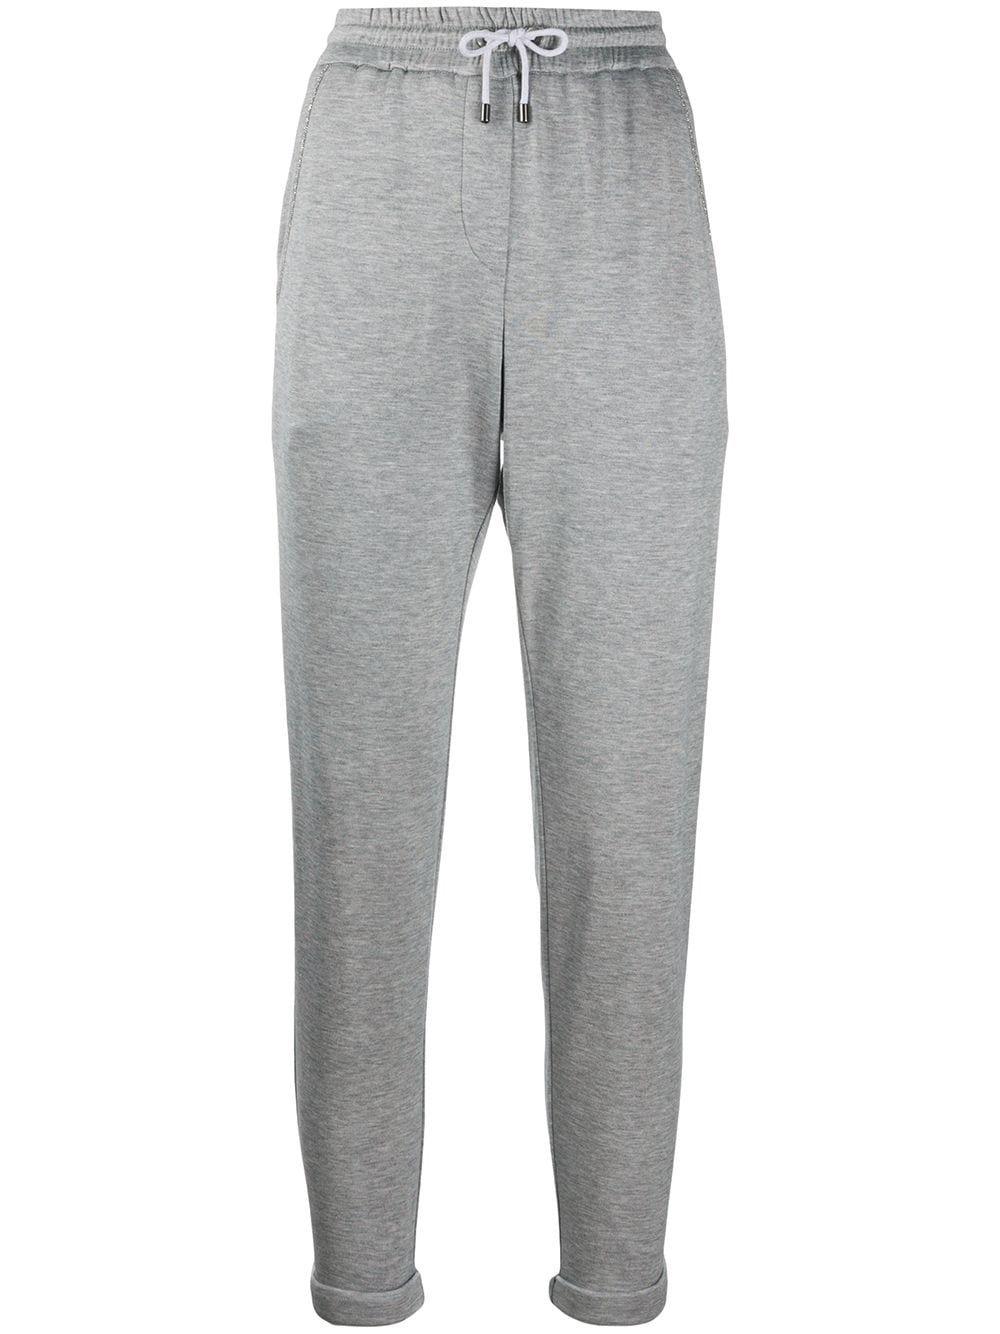 Pantalone della tuta